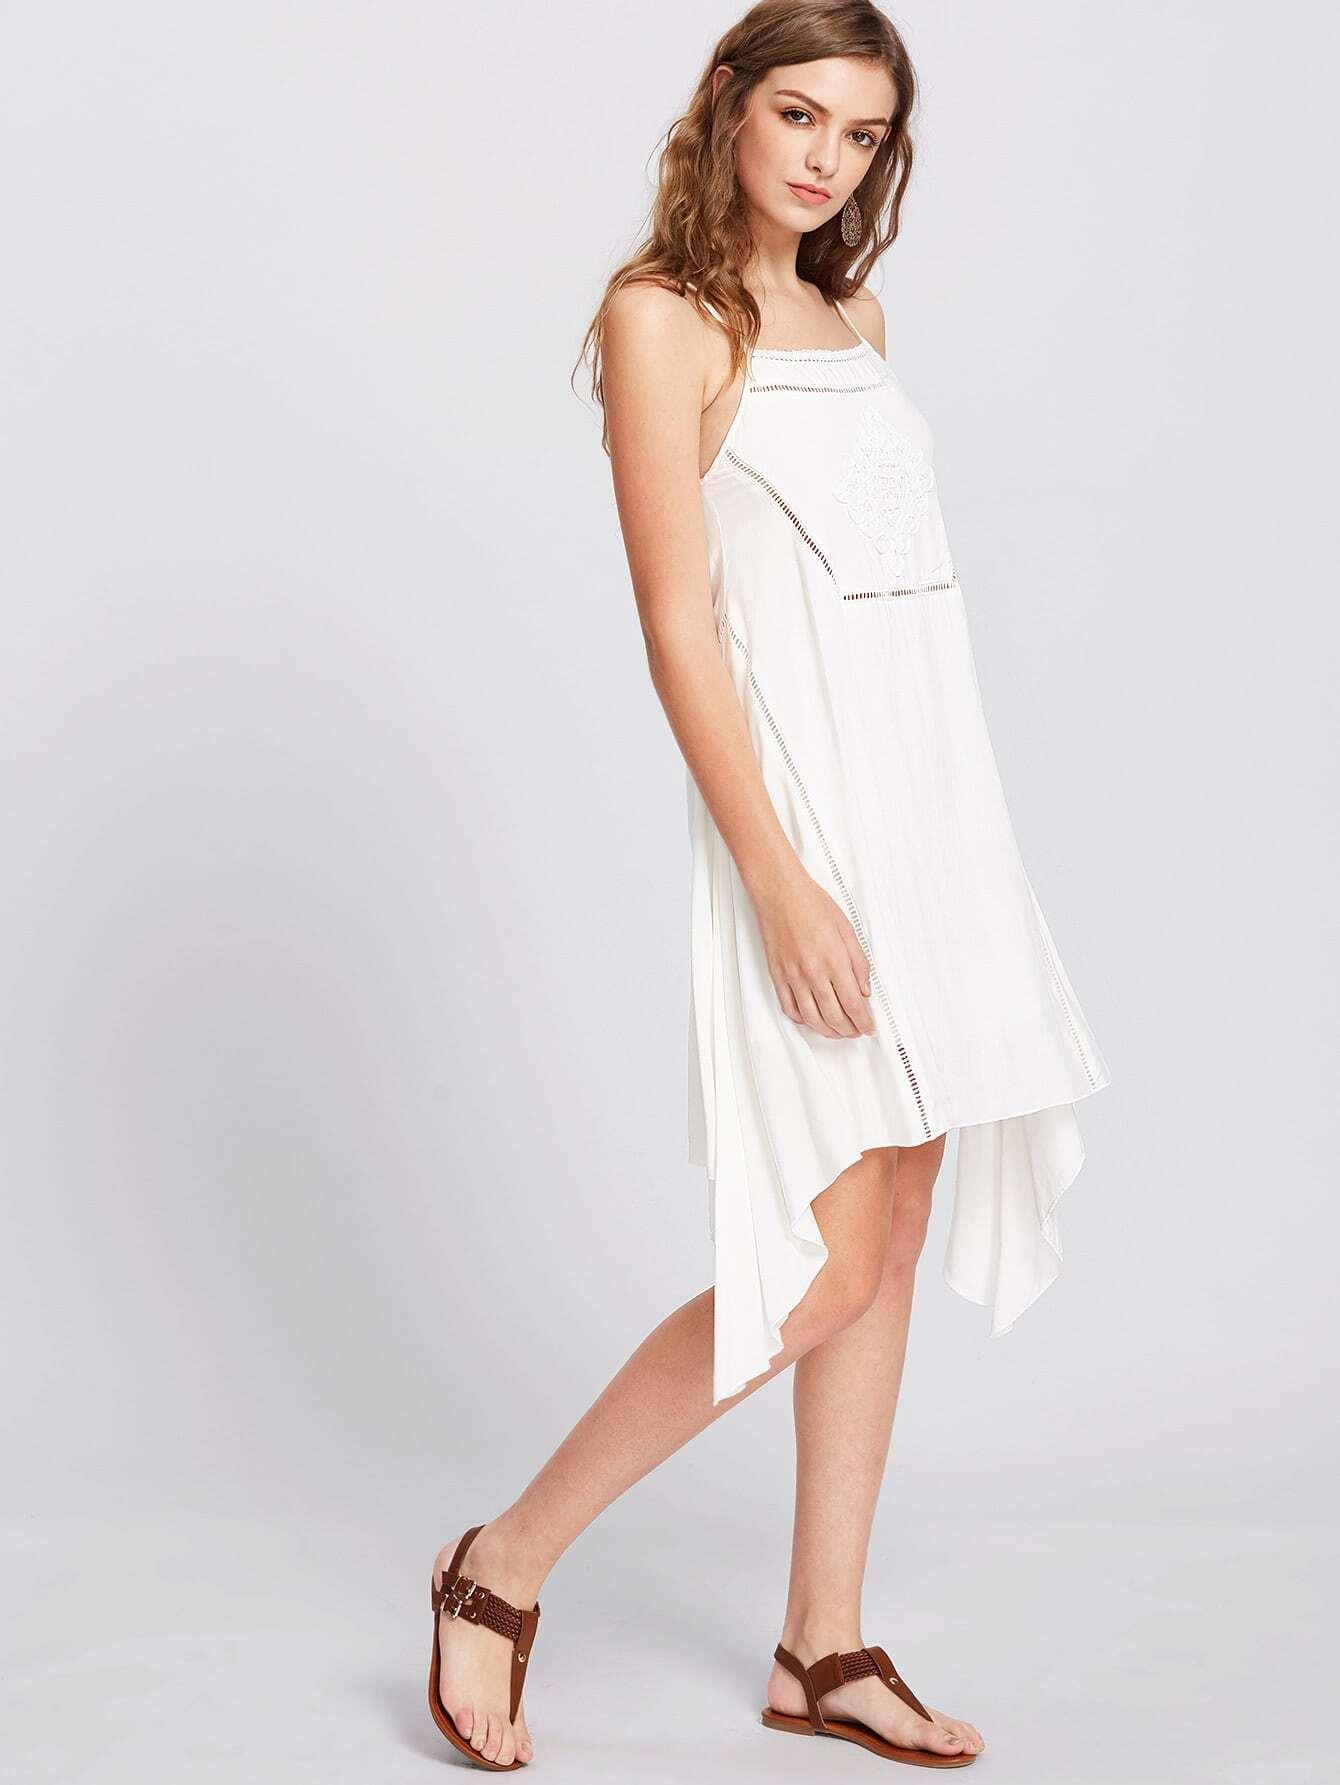 dress170329463_2